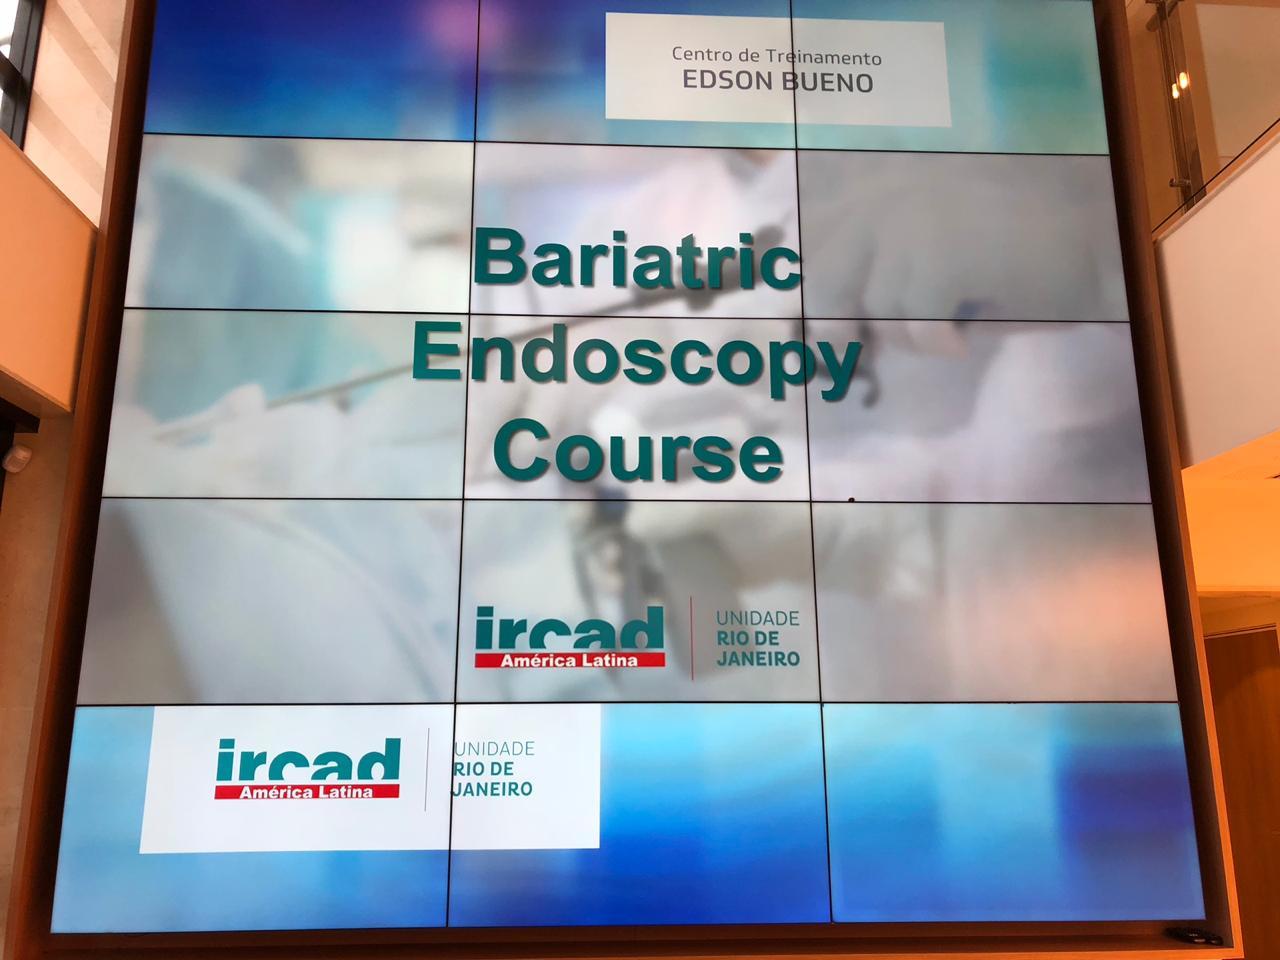 Curso de Endoscopia Bariátrica no IRCAD América Latina